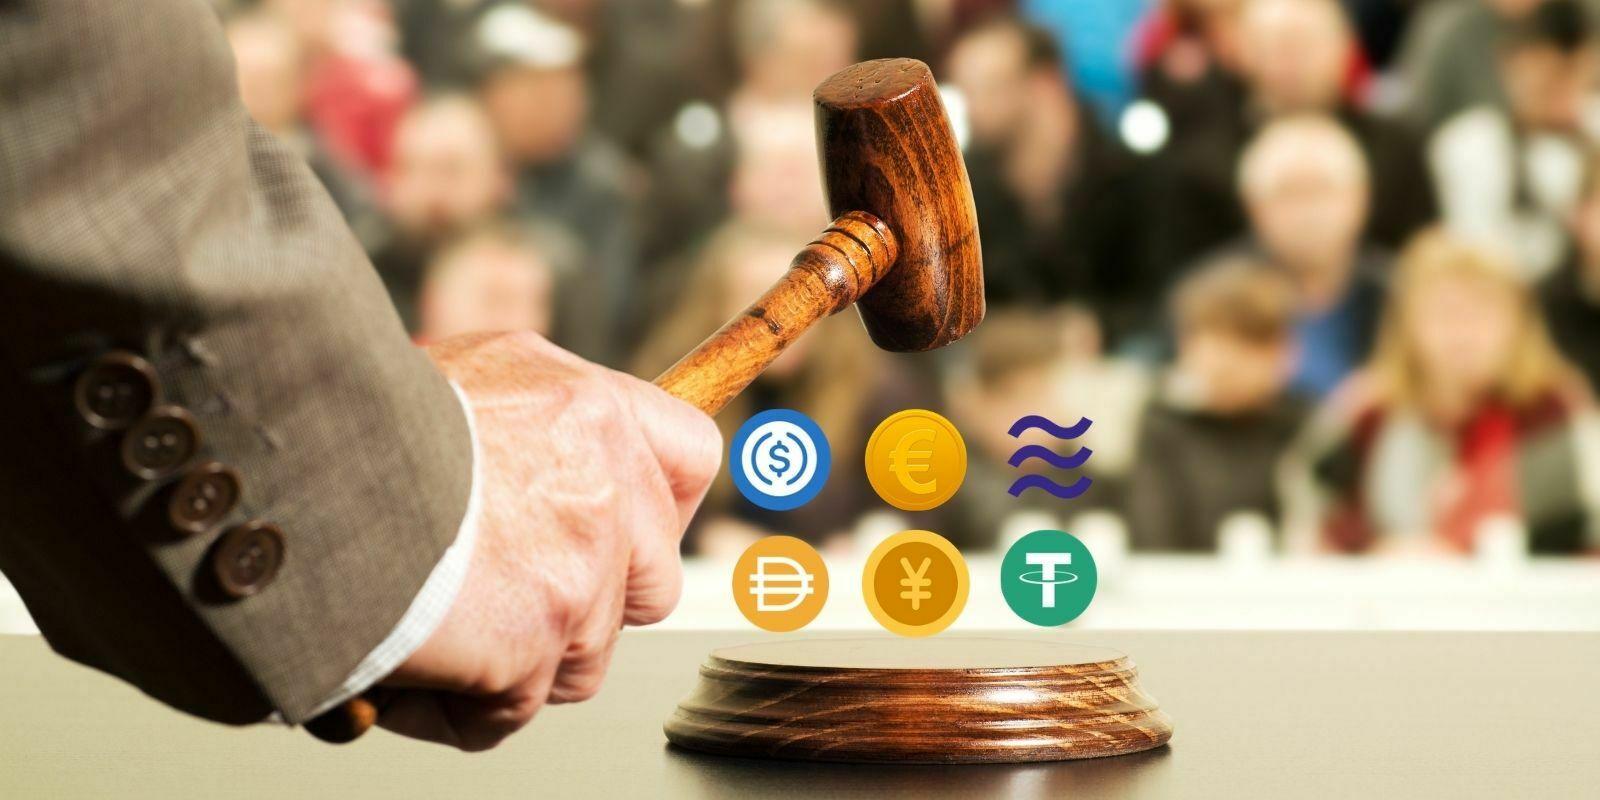 Les brevets de l'économie décentralisée feront l'objet d'enchères inédites dès 2021